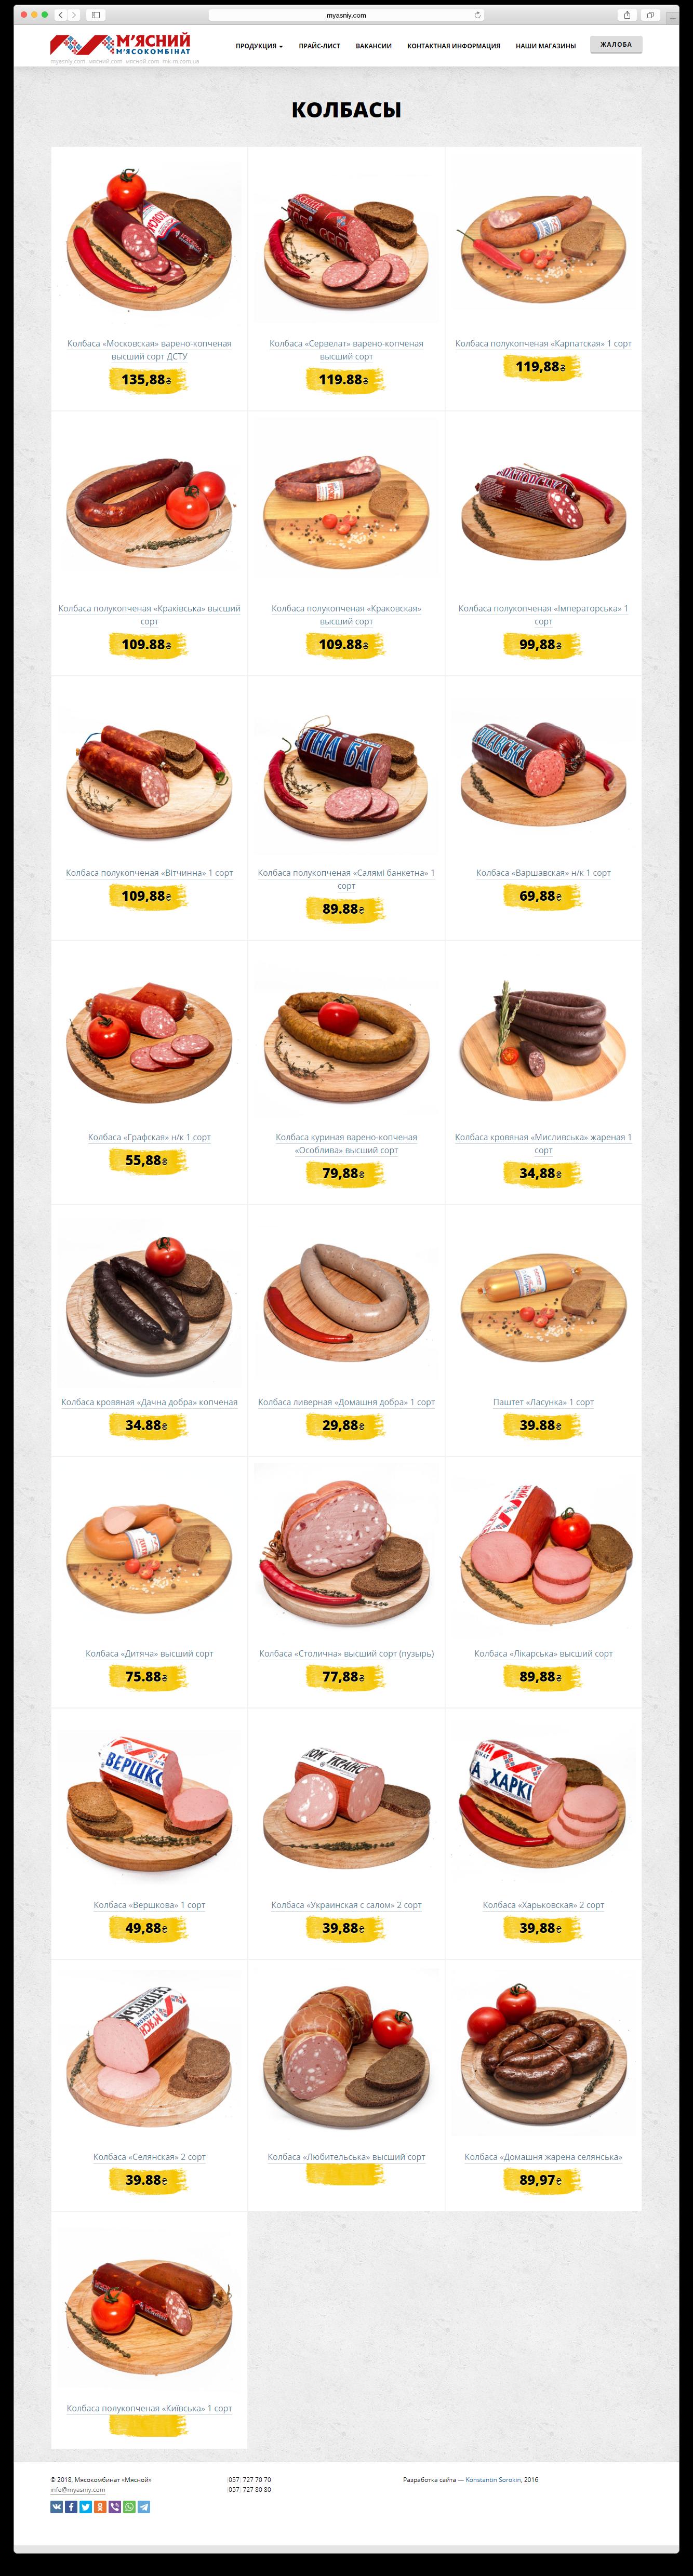 Мясокомбинат Мясной — колбасы